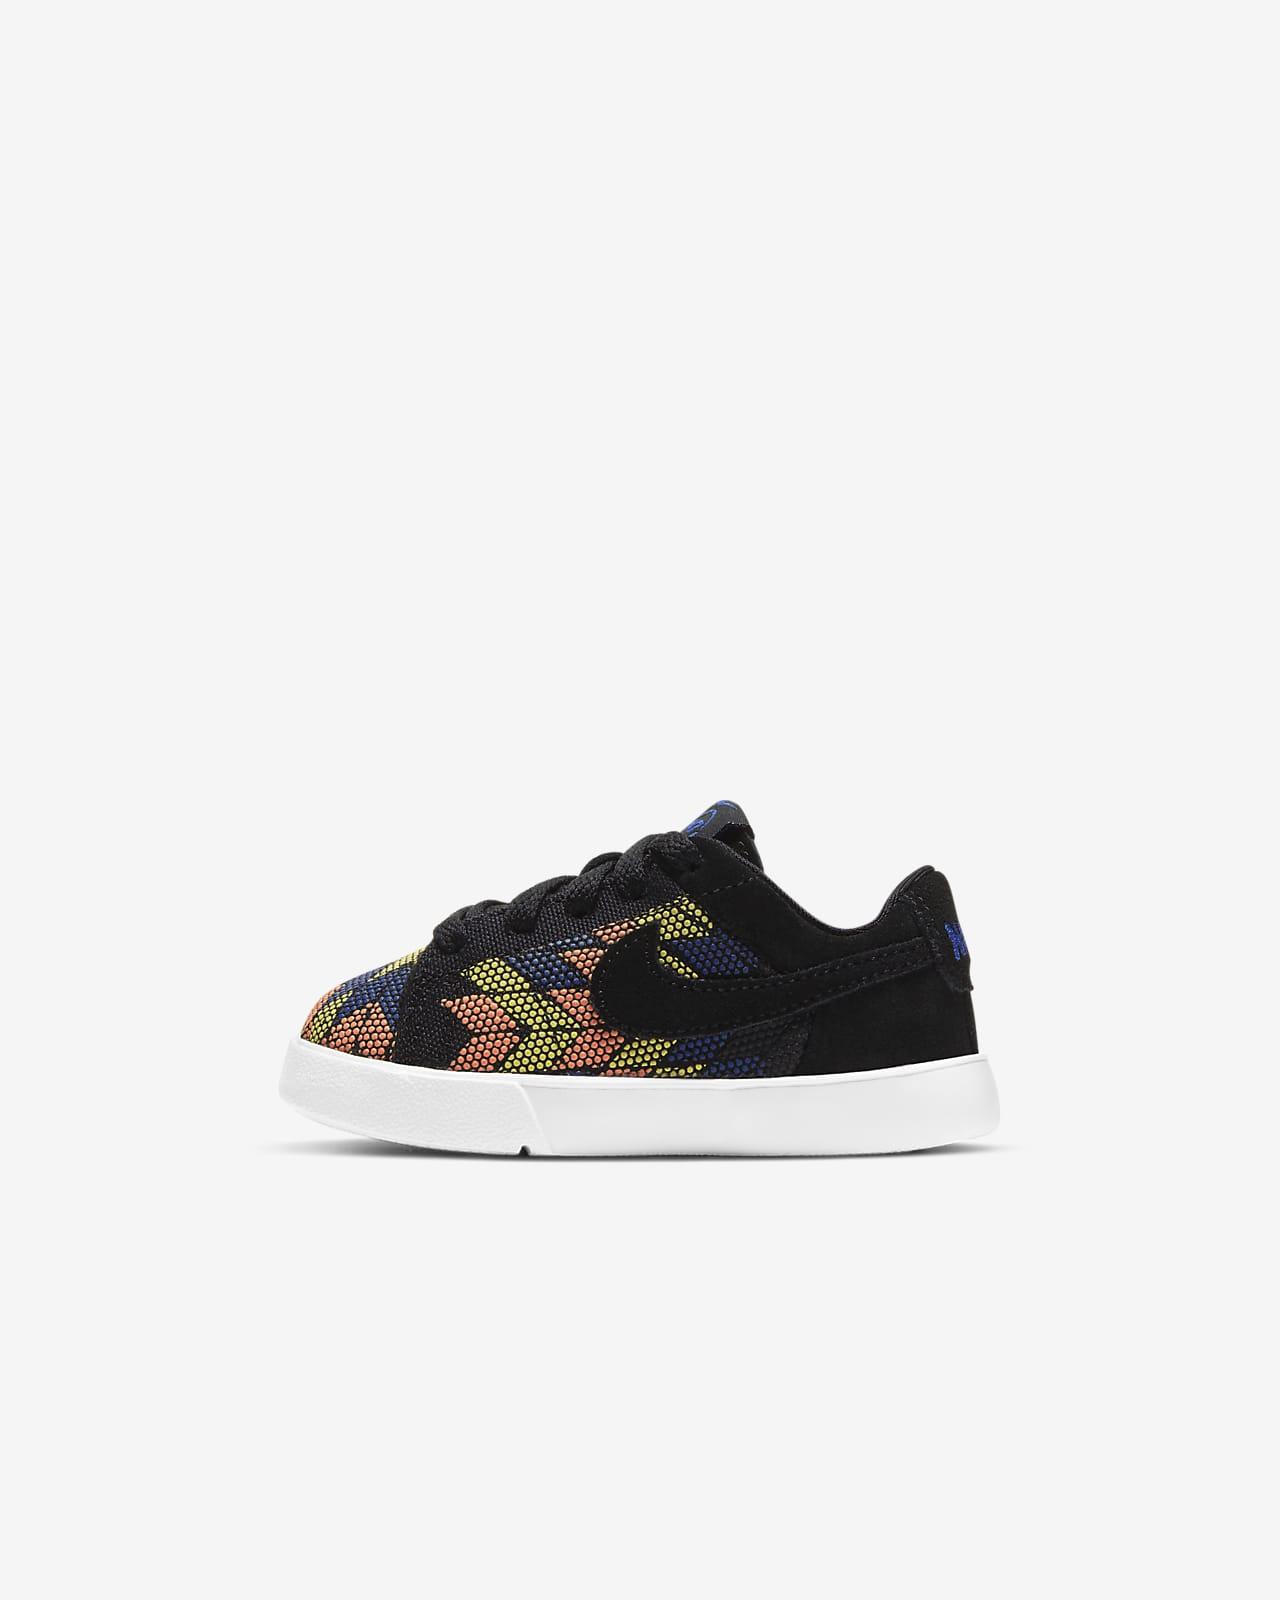 Nike Blazer Low N7 Baby/Toddler Shoe